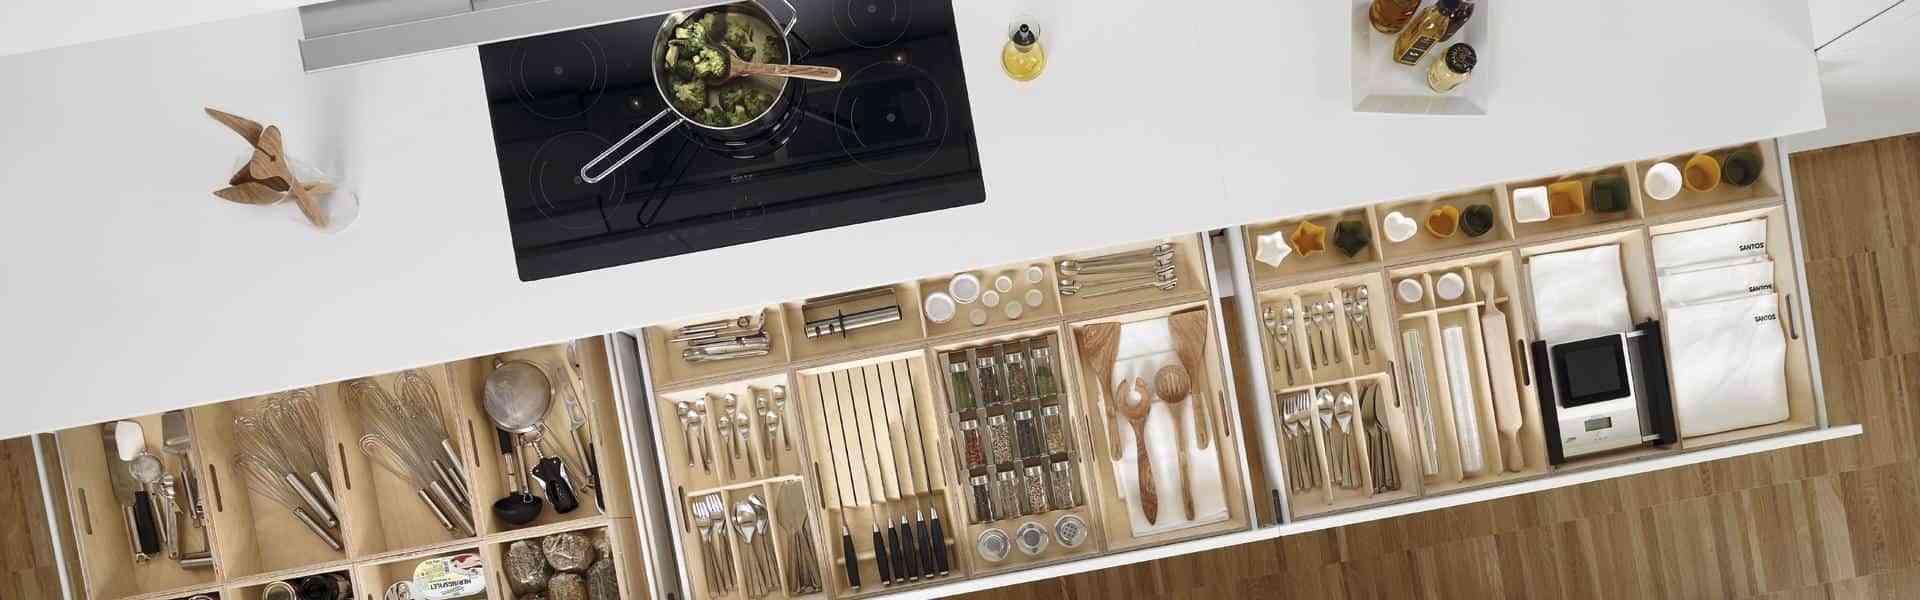 accesorios-para-muebles-de-cocina-iii